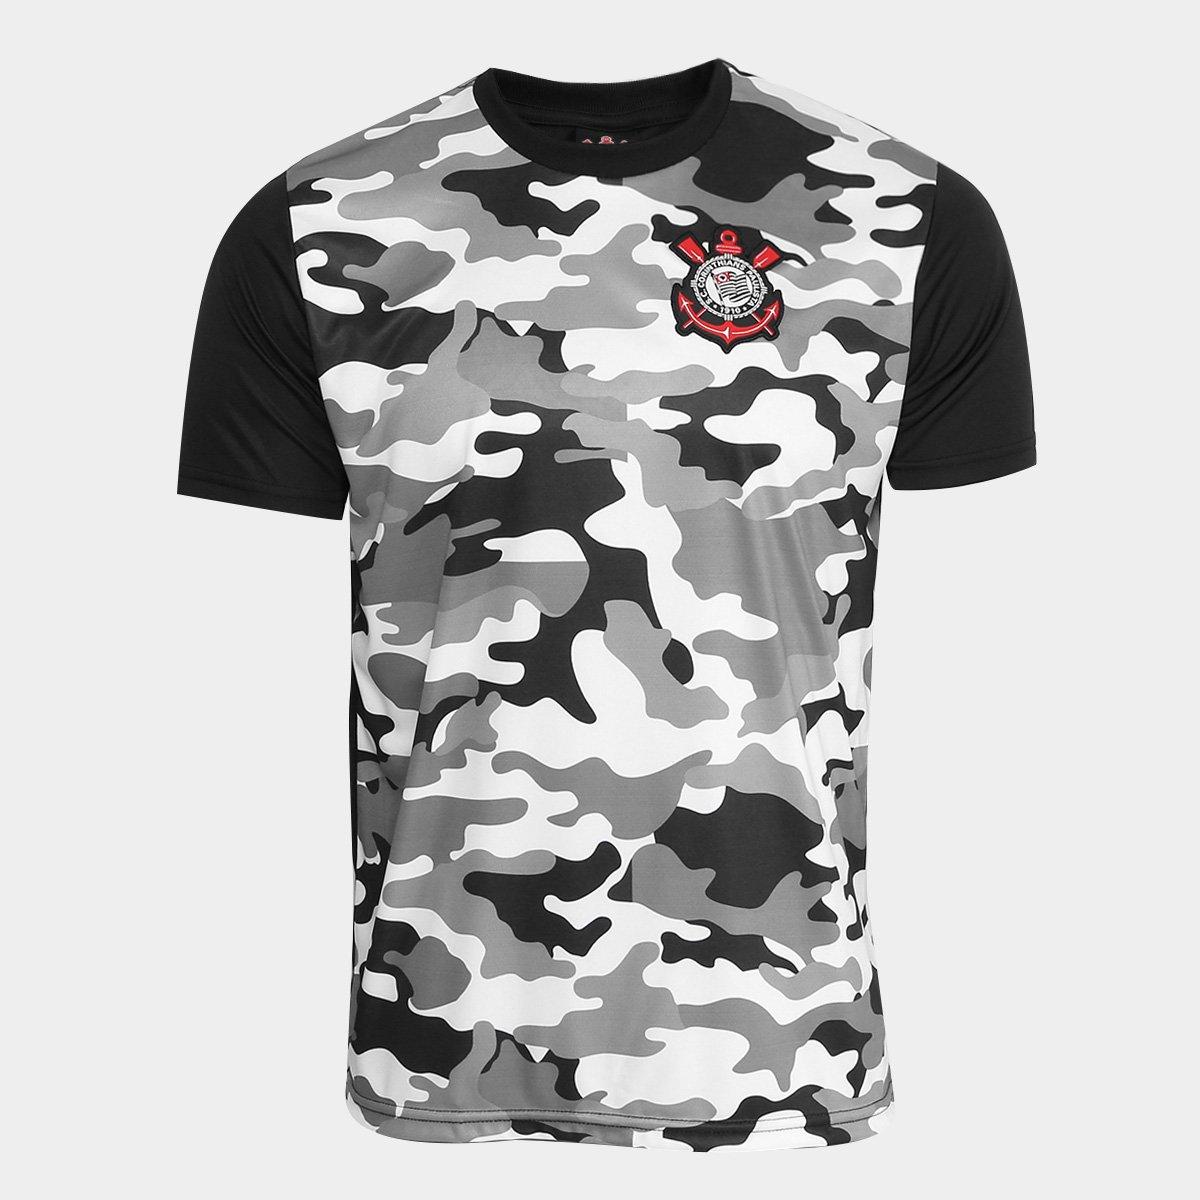 828c31d56 Camisa Corinthians Warriors C  Patch Masculina - Compre Agora